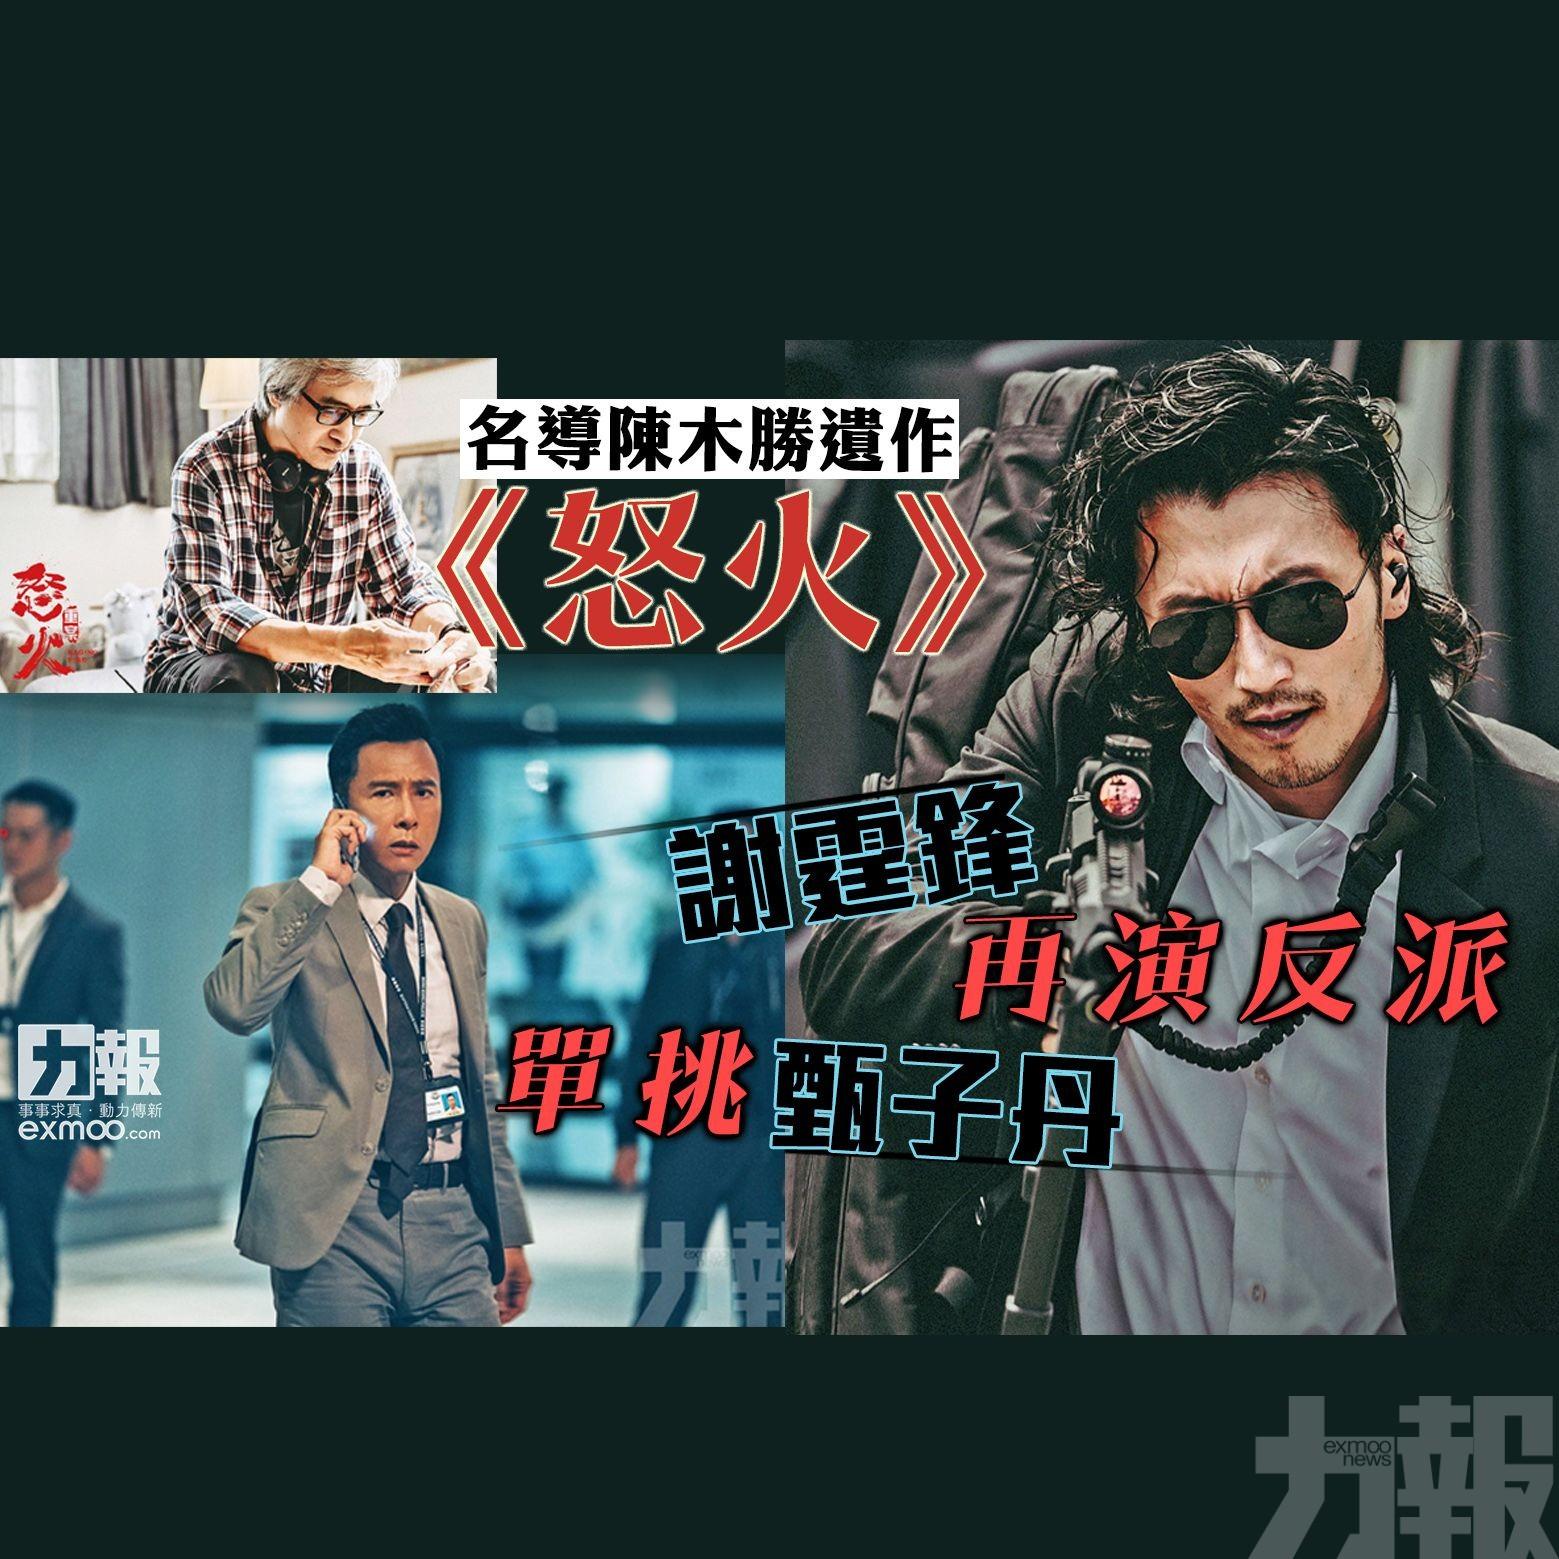 謝霆鋒再演反派  單挑甄子丹